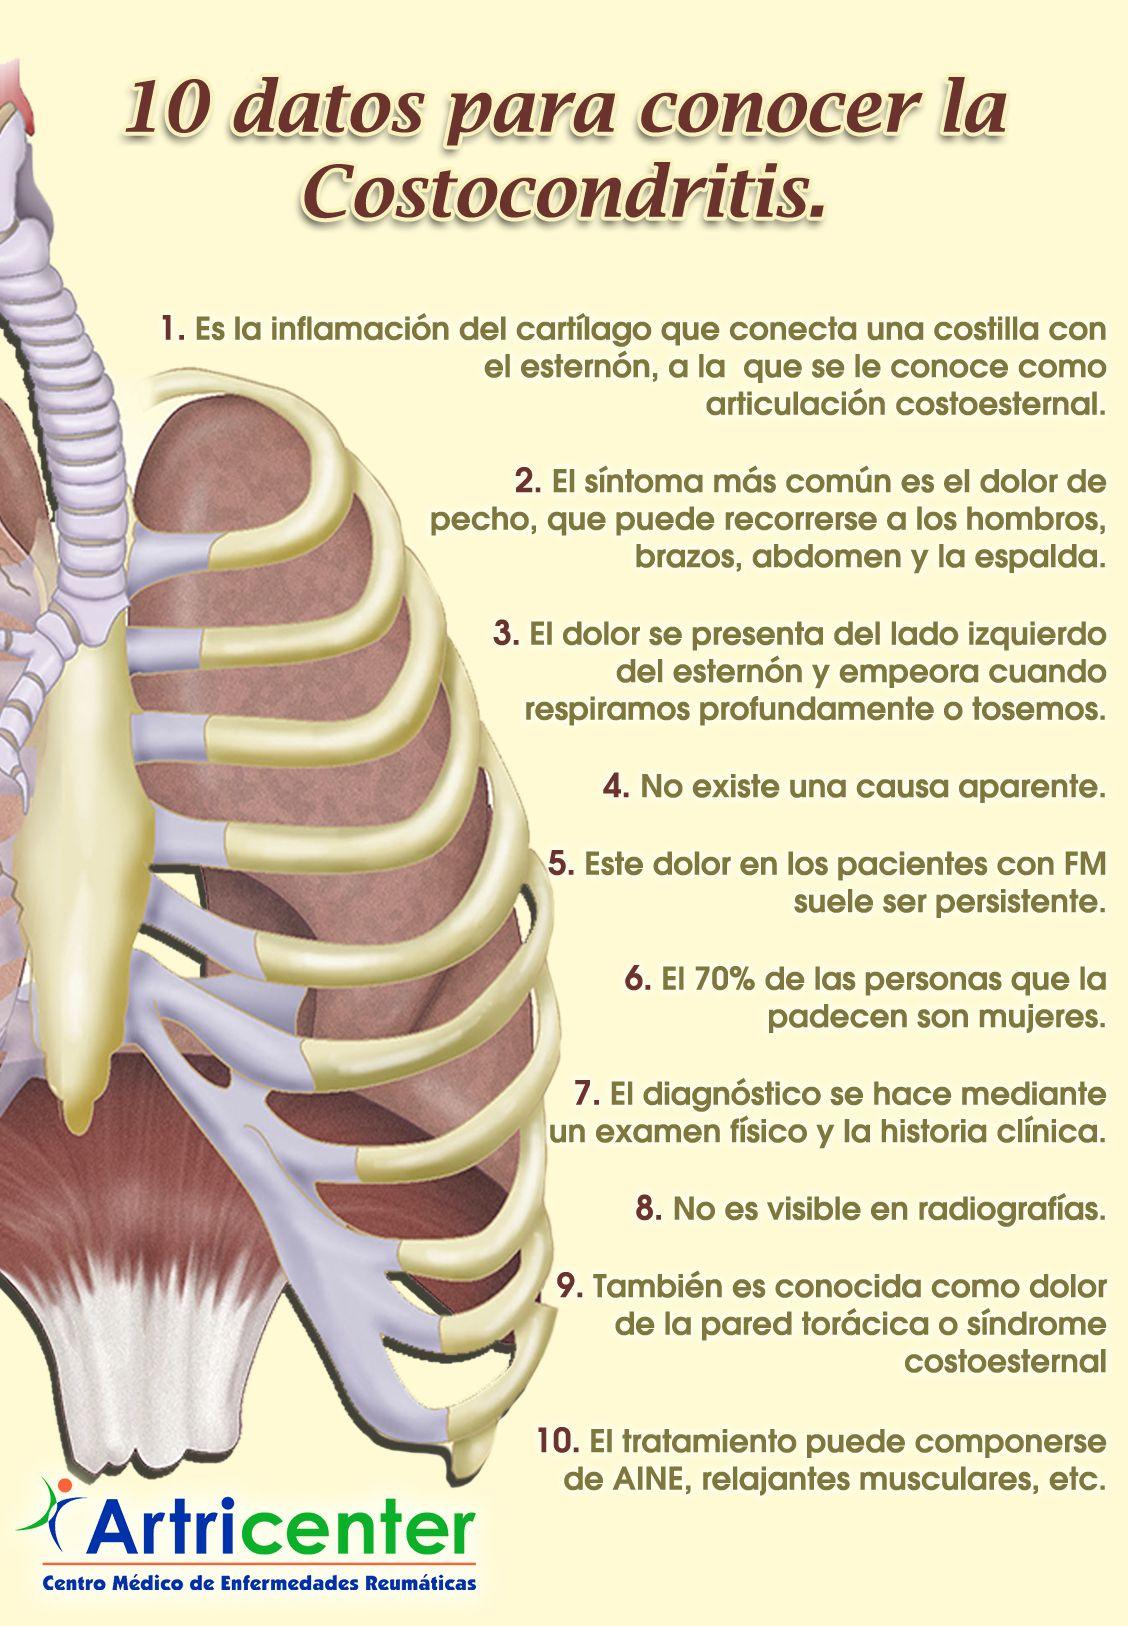 La operación de la desaparición de la grasa del pecho